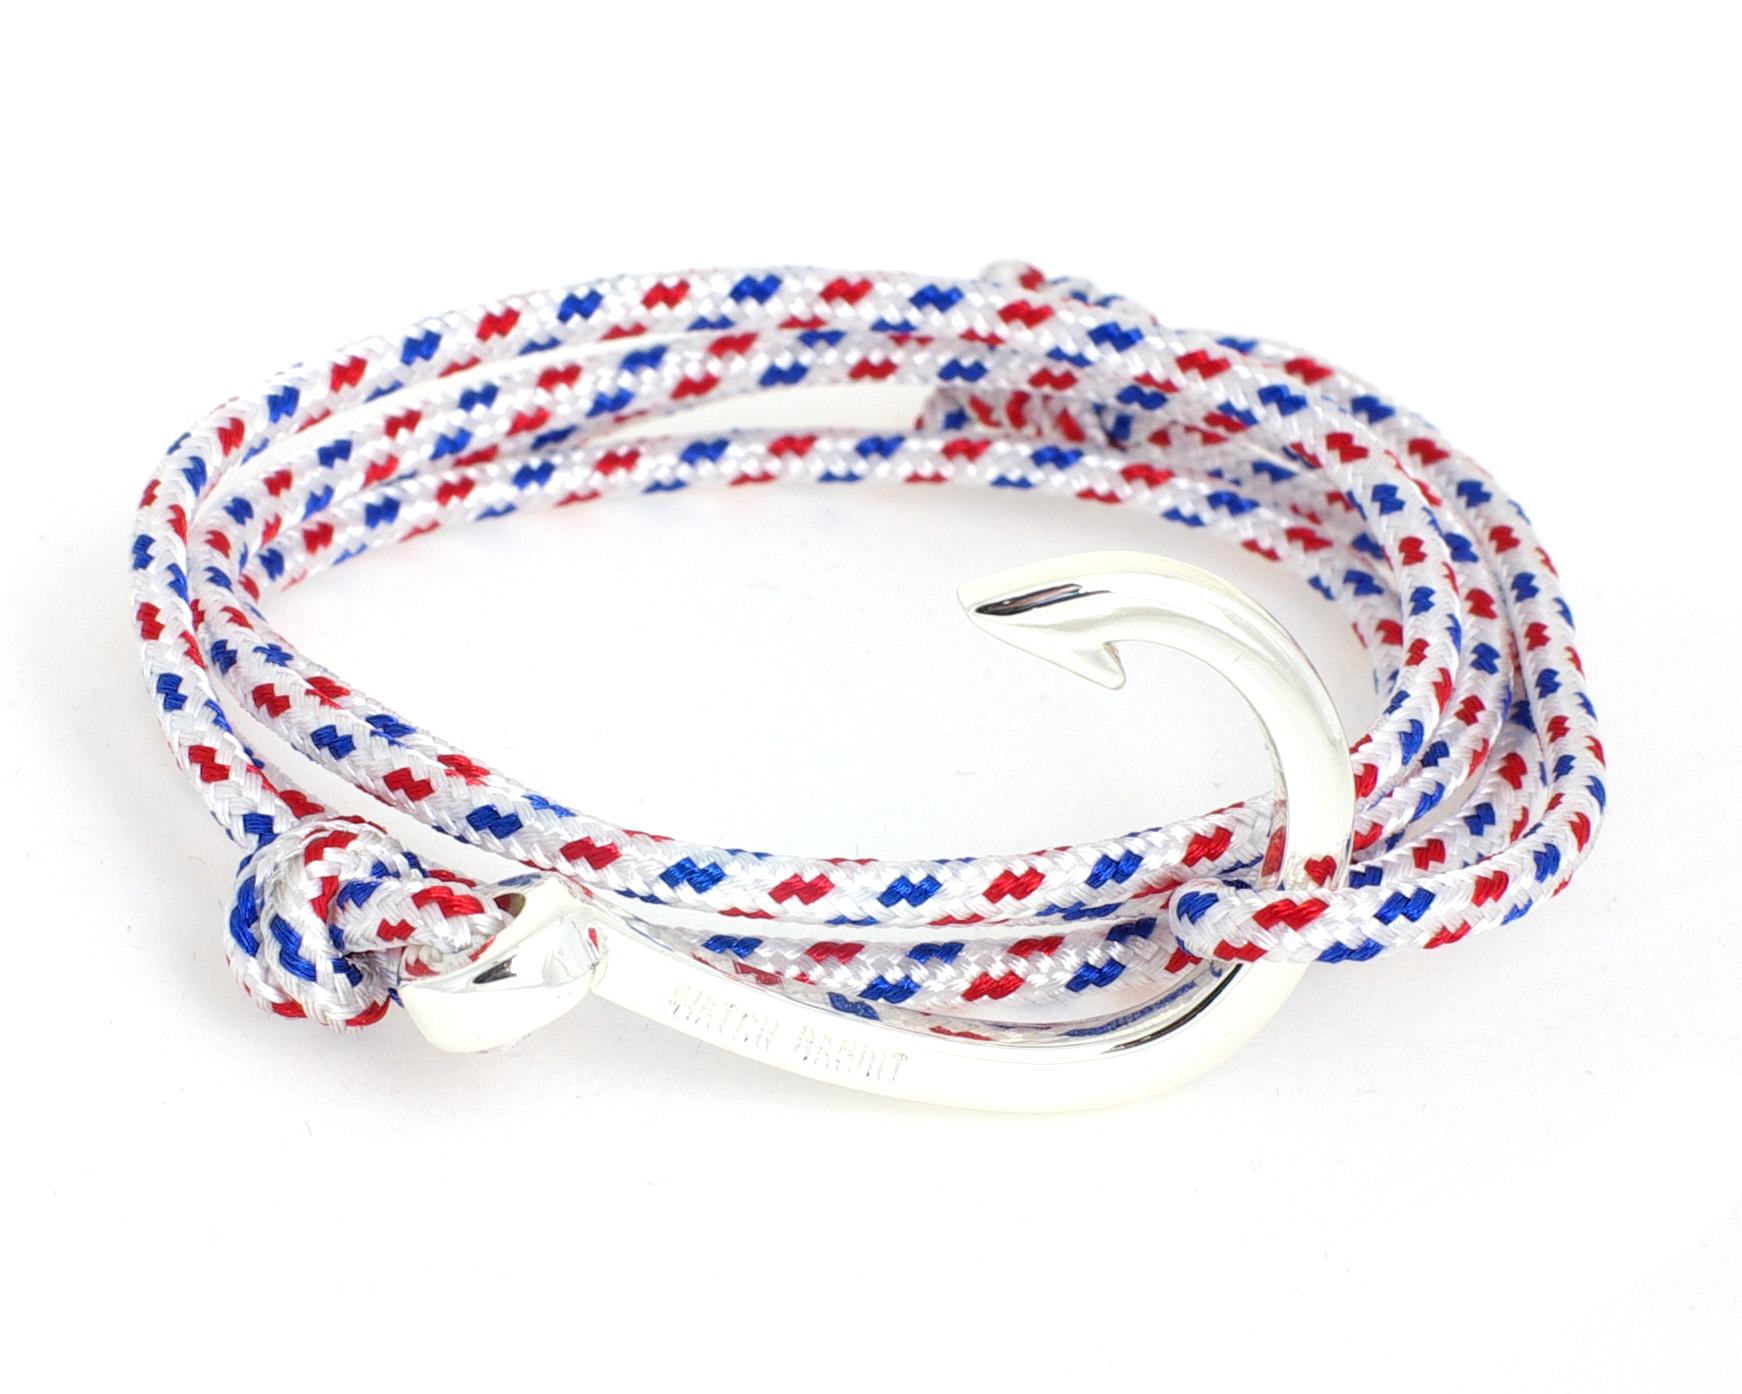 Stylish Hooks knot bracelets & hook bracelets: anchors stylish cousins